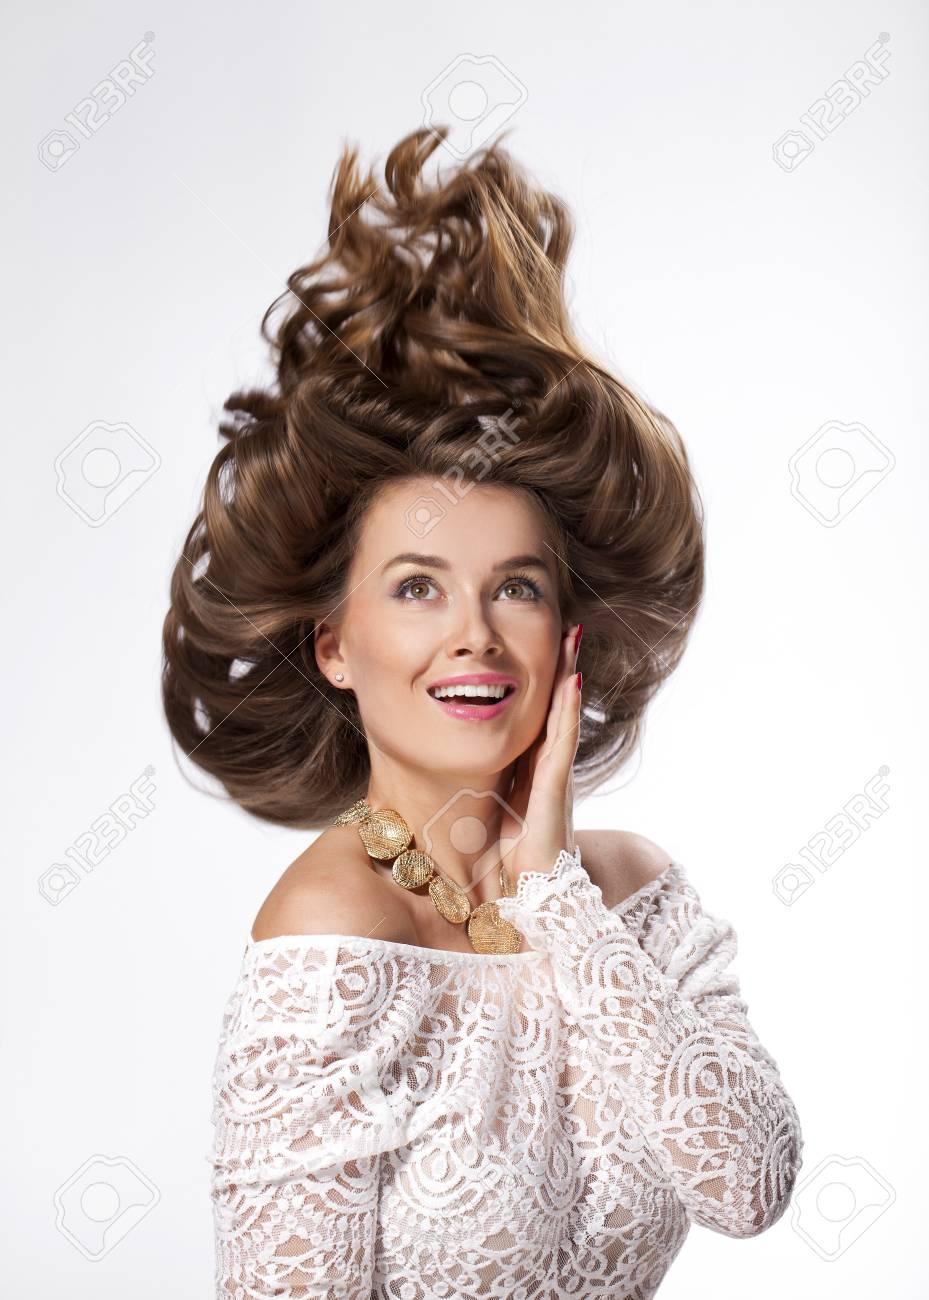 Portrait Close Up Der Jungen Schönen Frau Mit Trendy Frisur